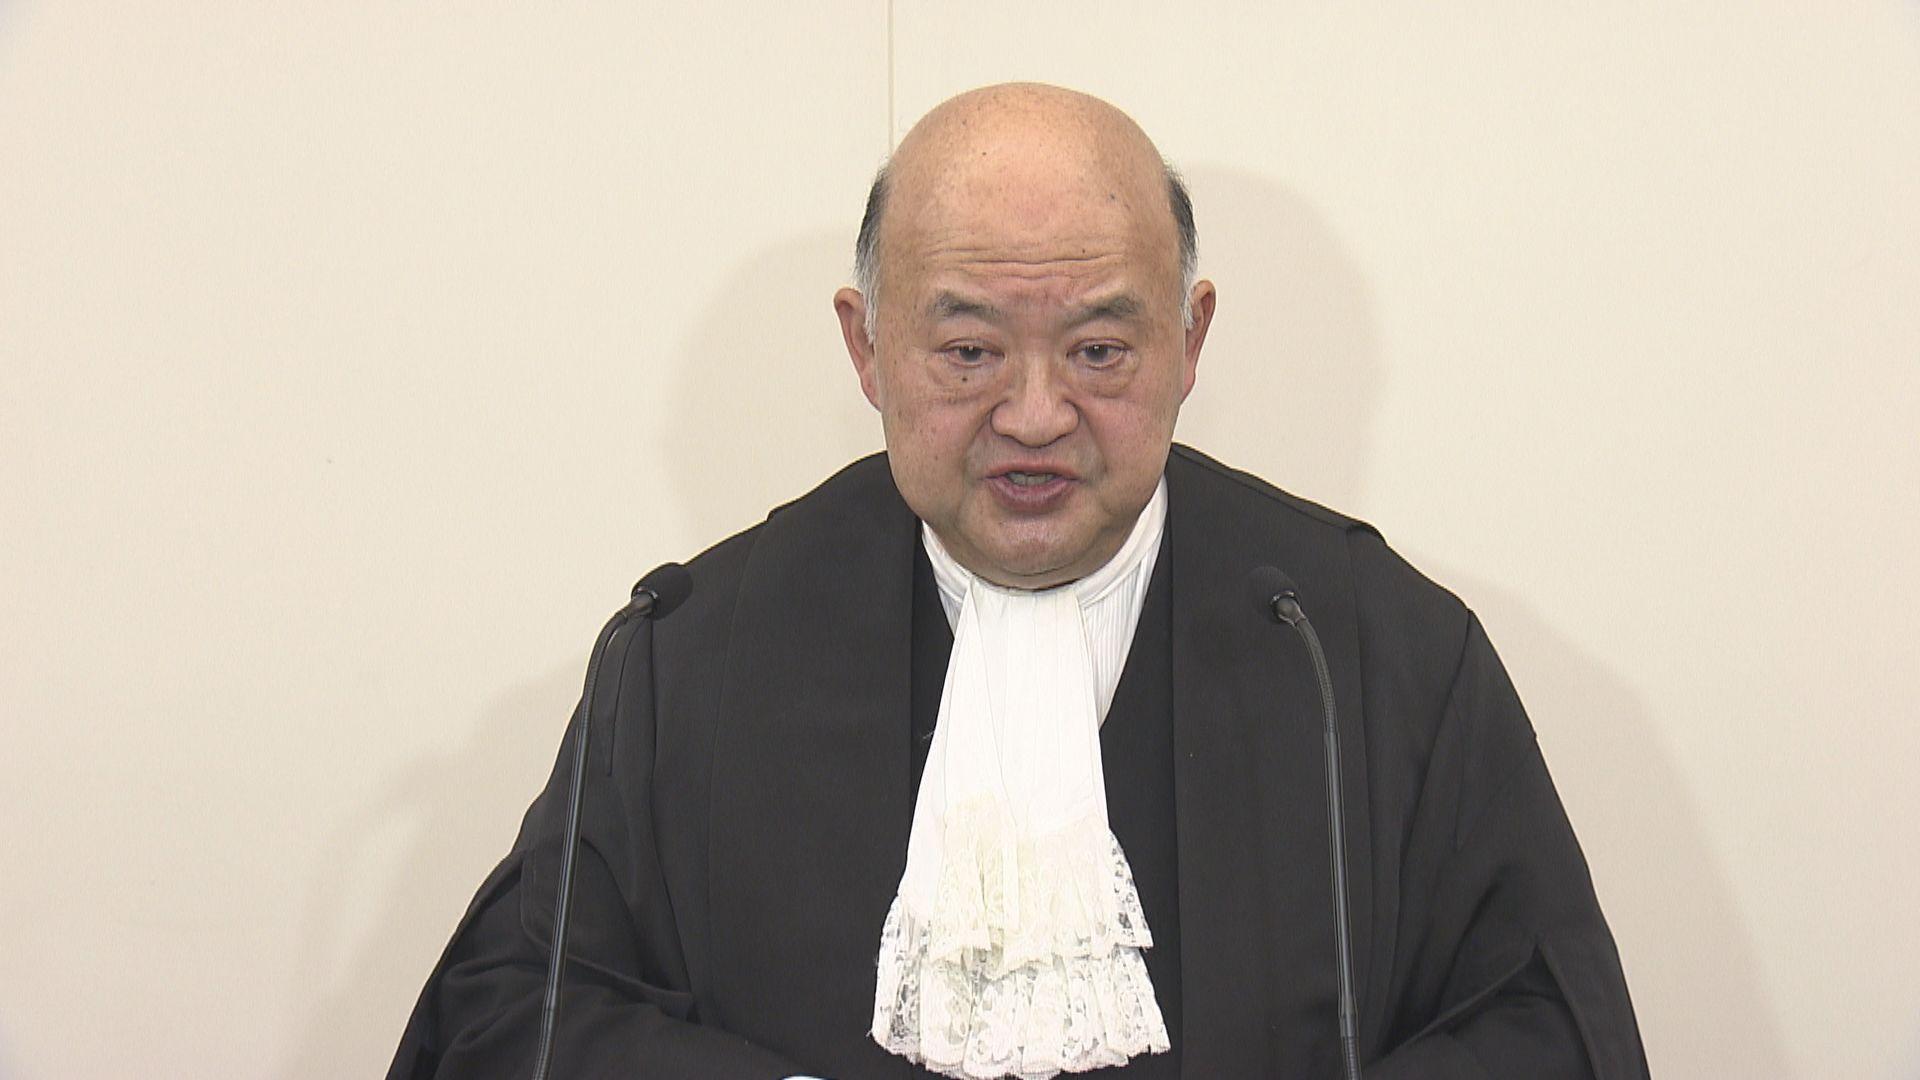 馬道立:指定法官不應考慮政治因素